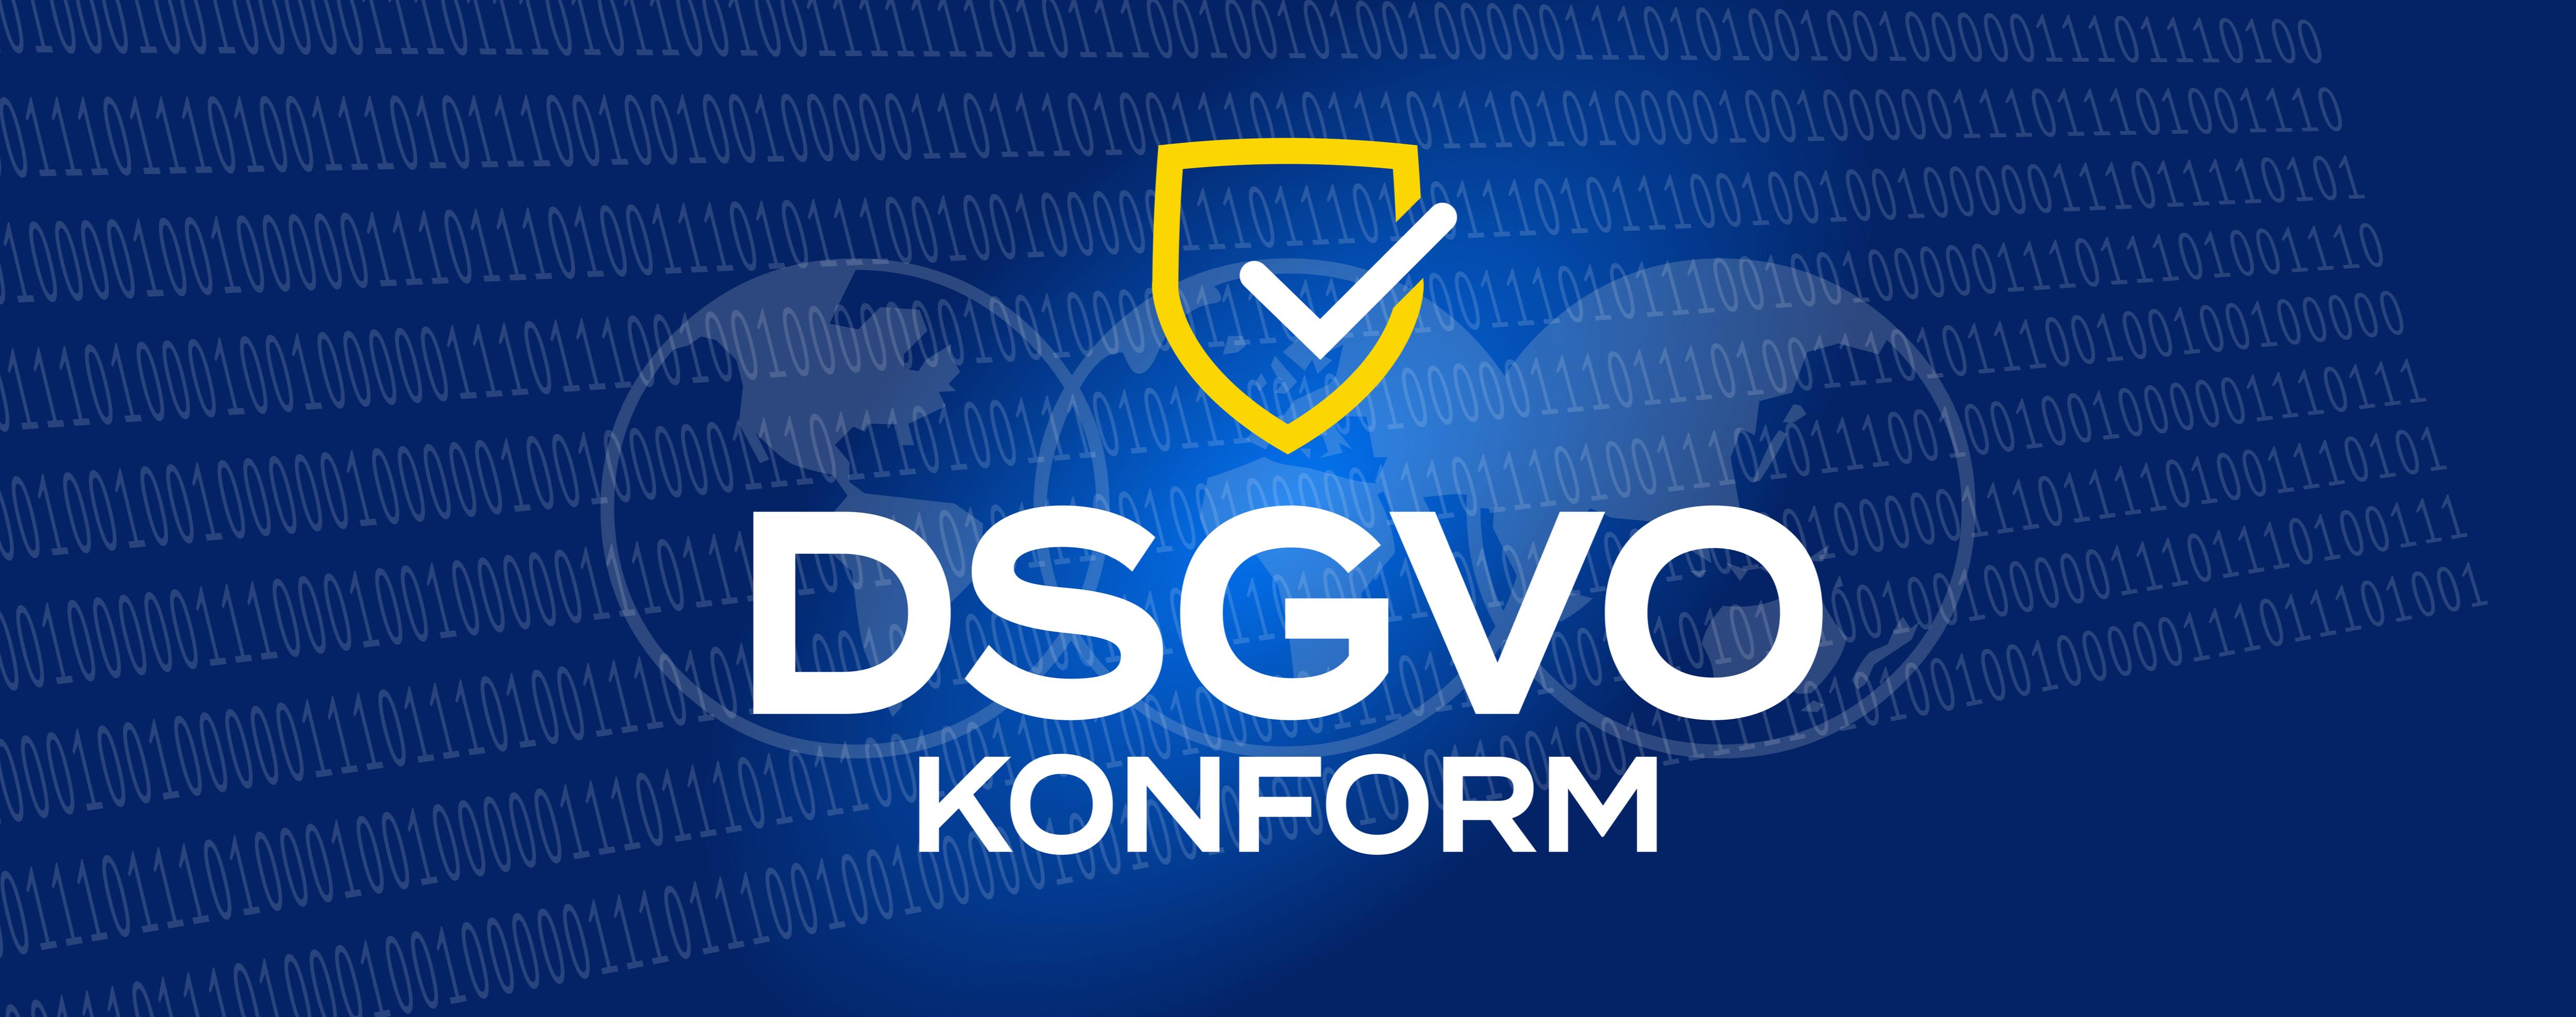 Kostenfalle DSGVO